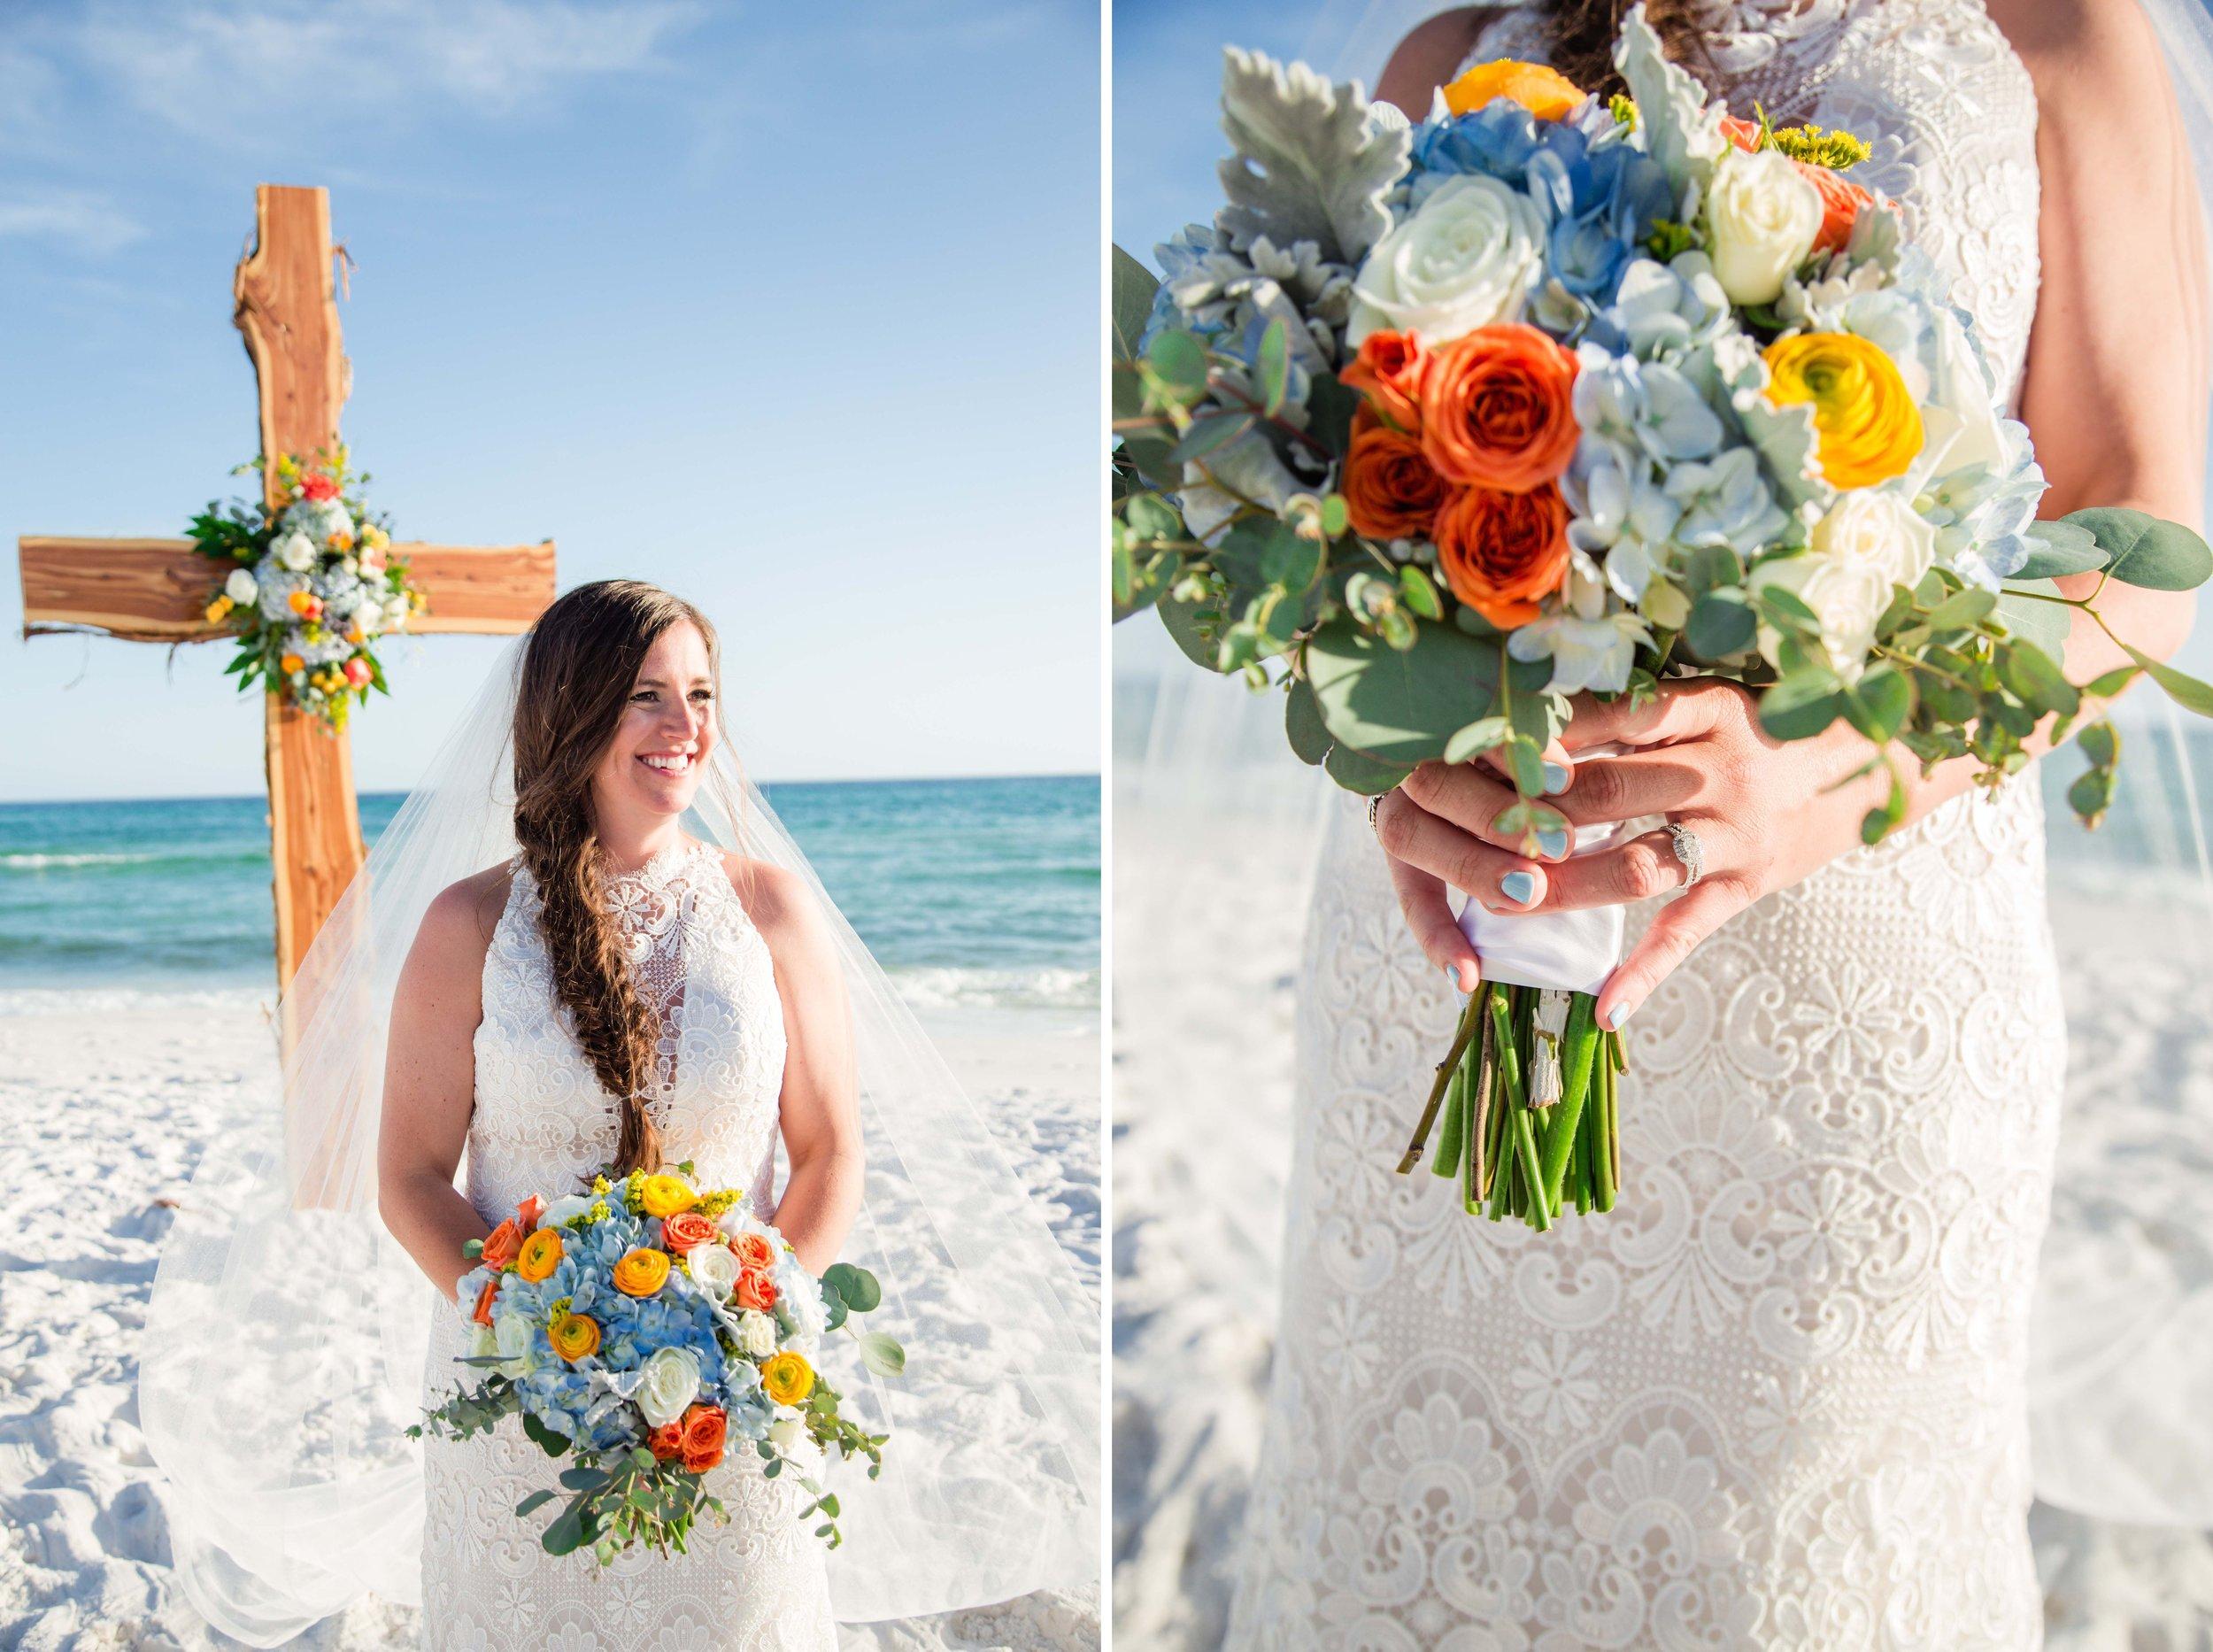 30a-Destin-Florida-Wedding-Photography-Caydee-Matt_021.jpg